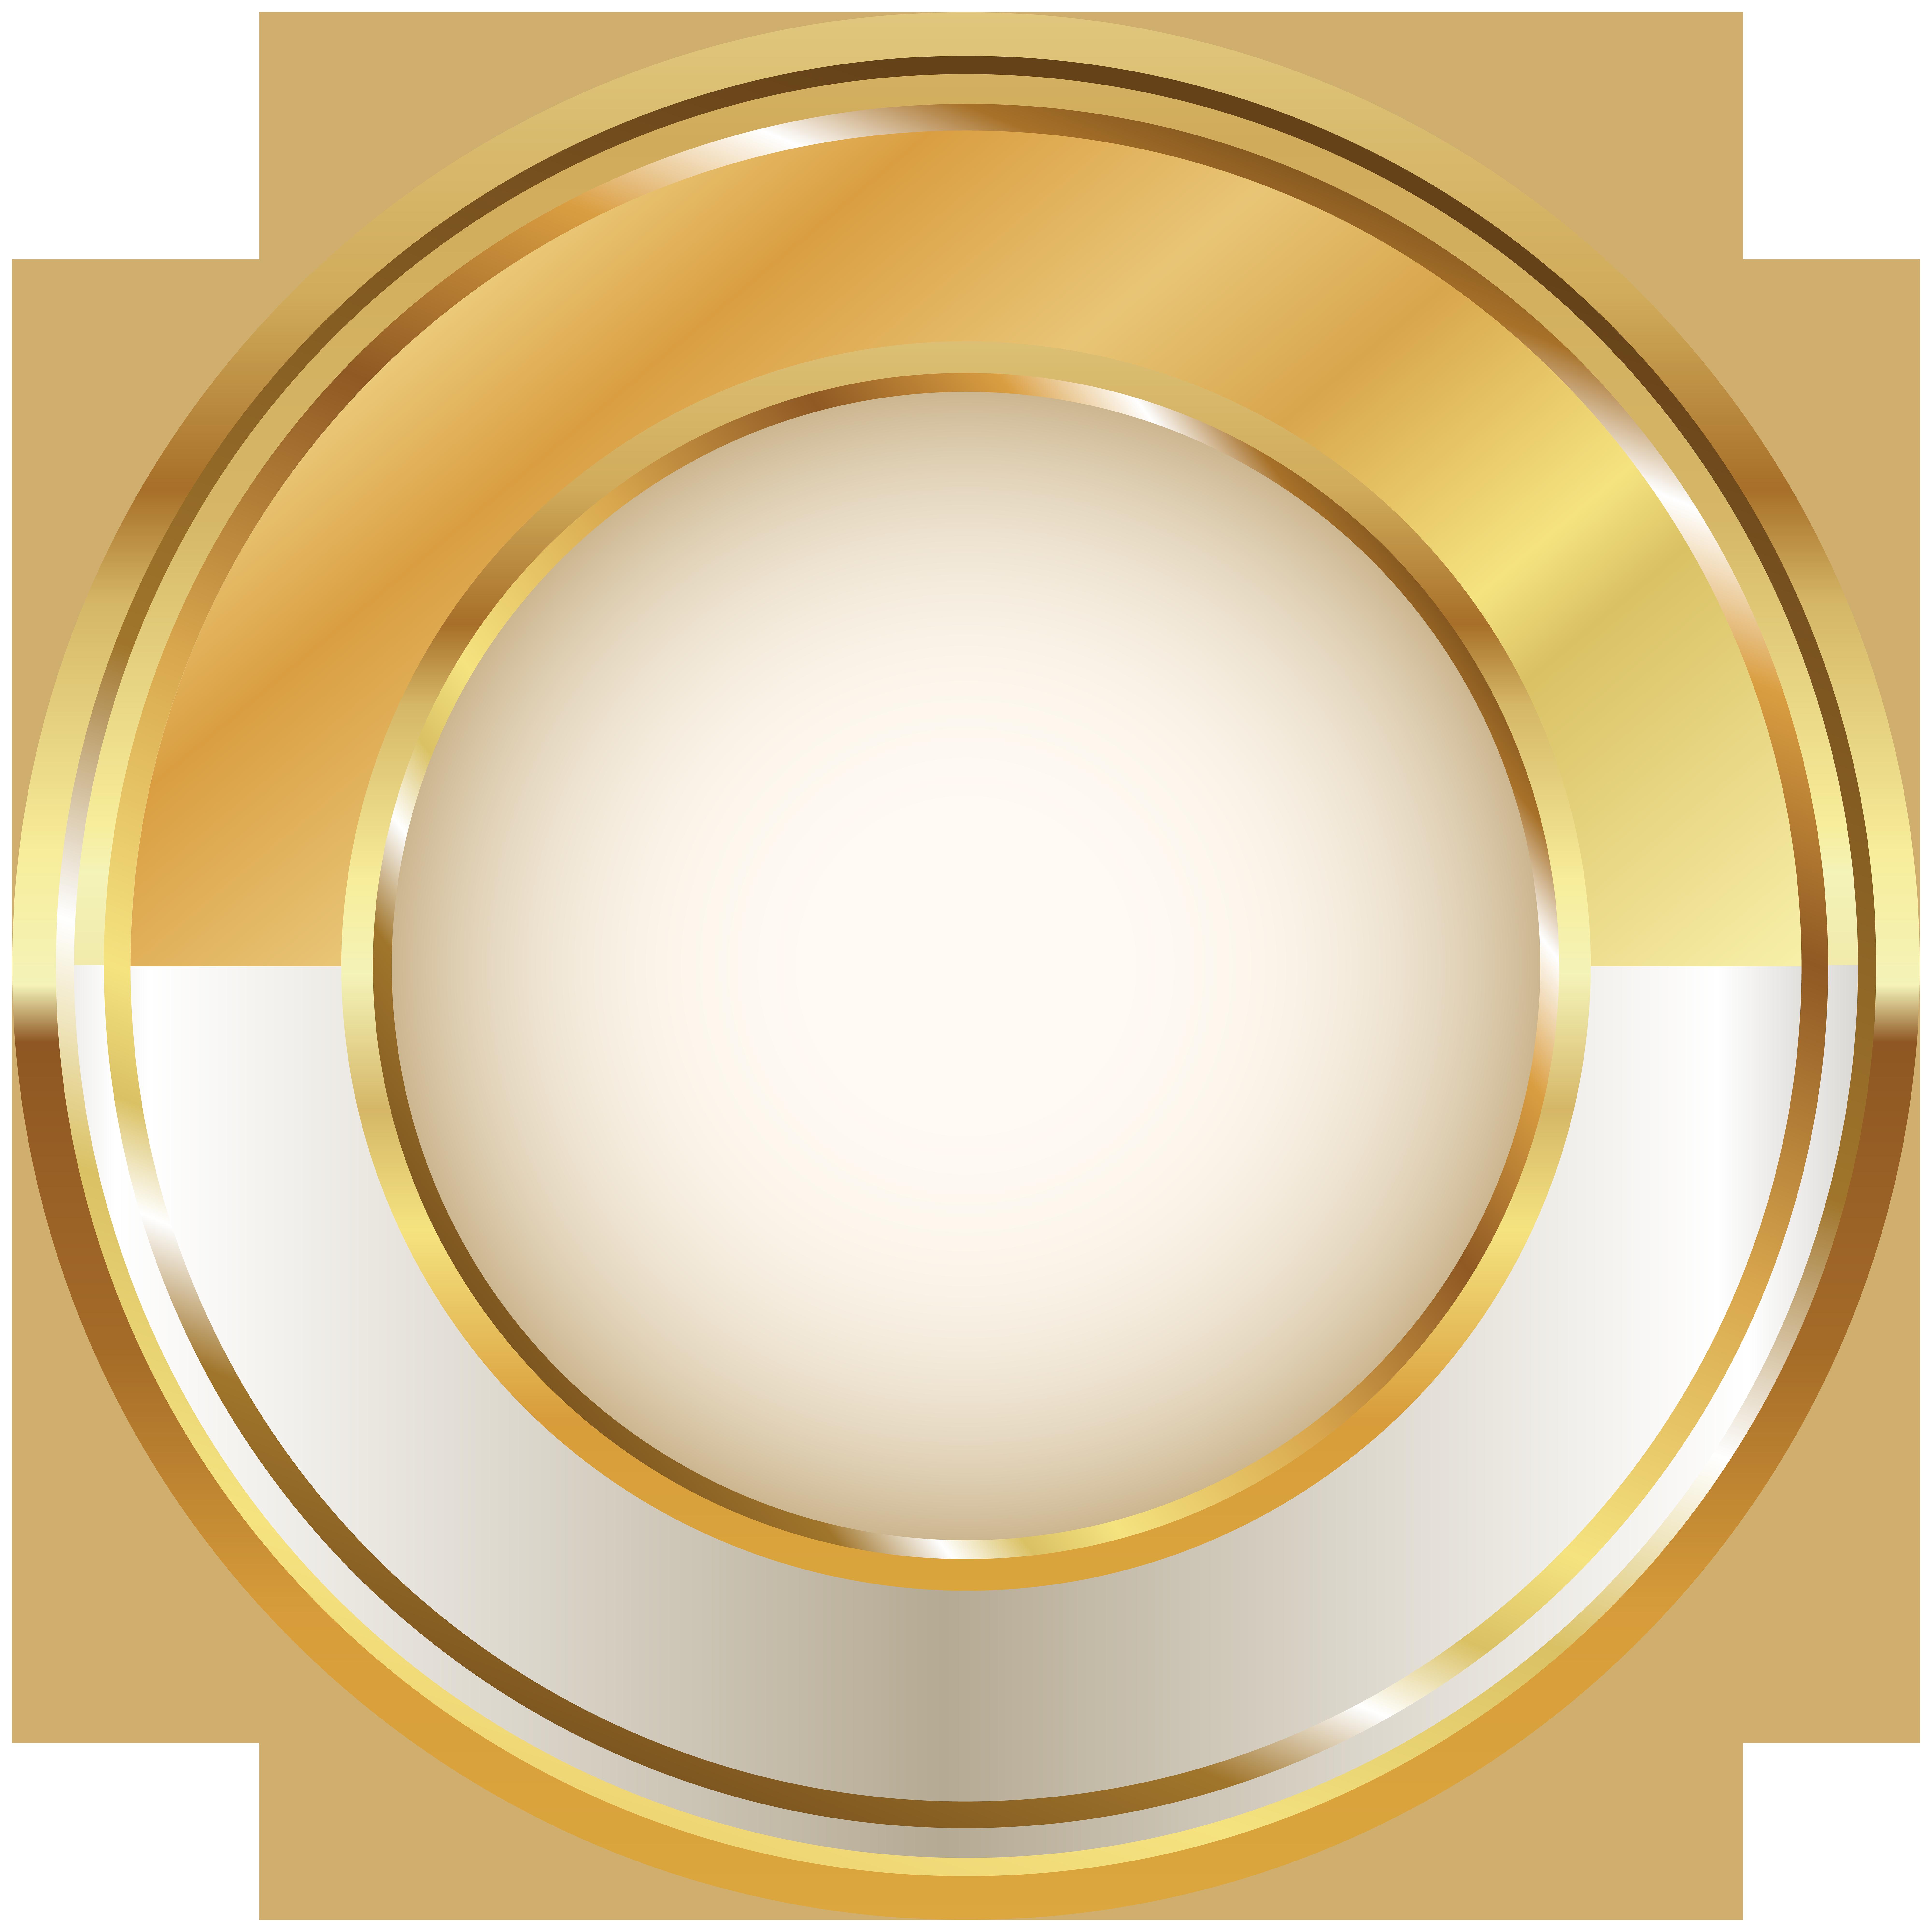 Gold Badge PNG Transparent Image Fondos para anuncios